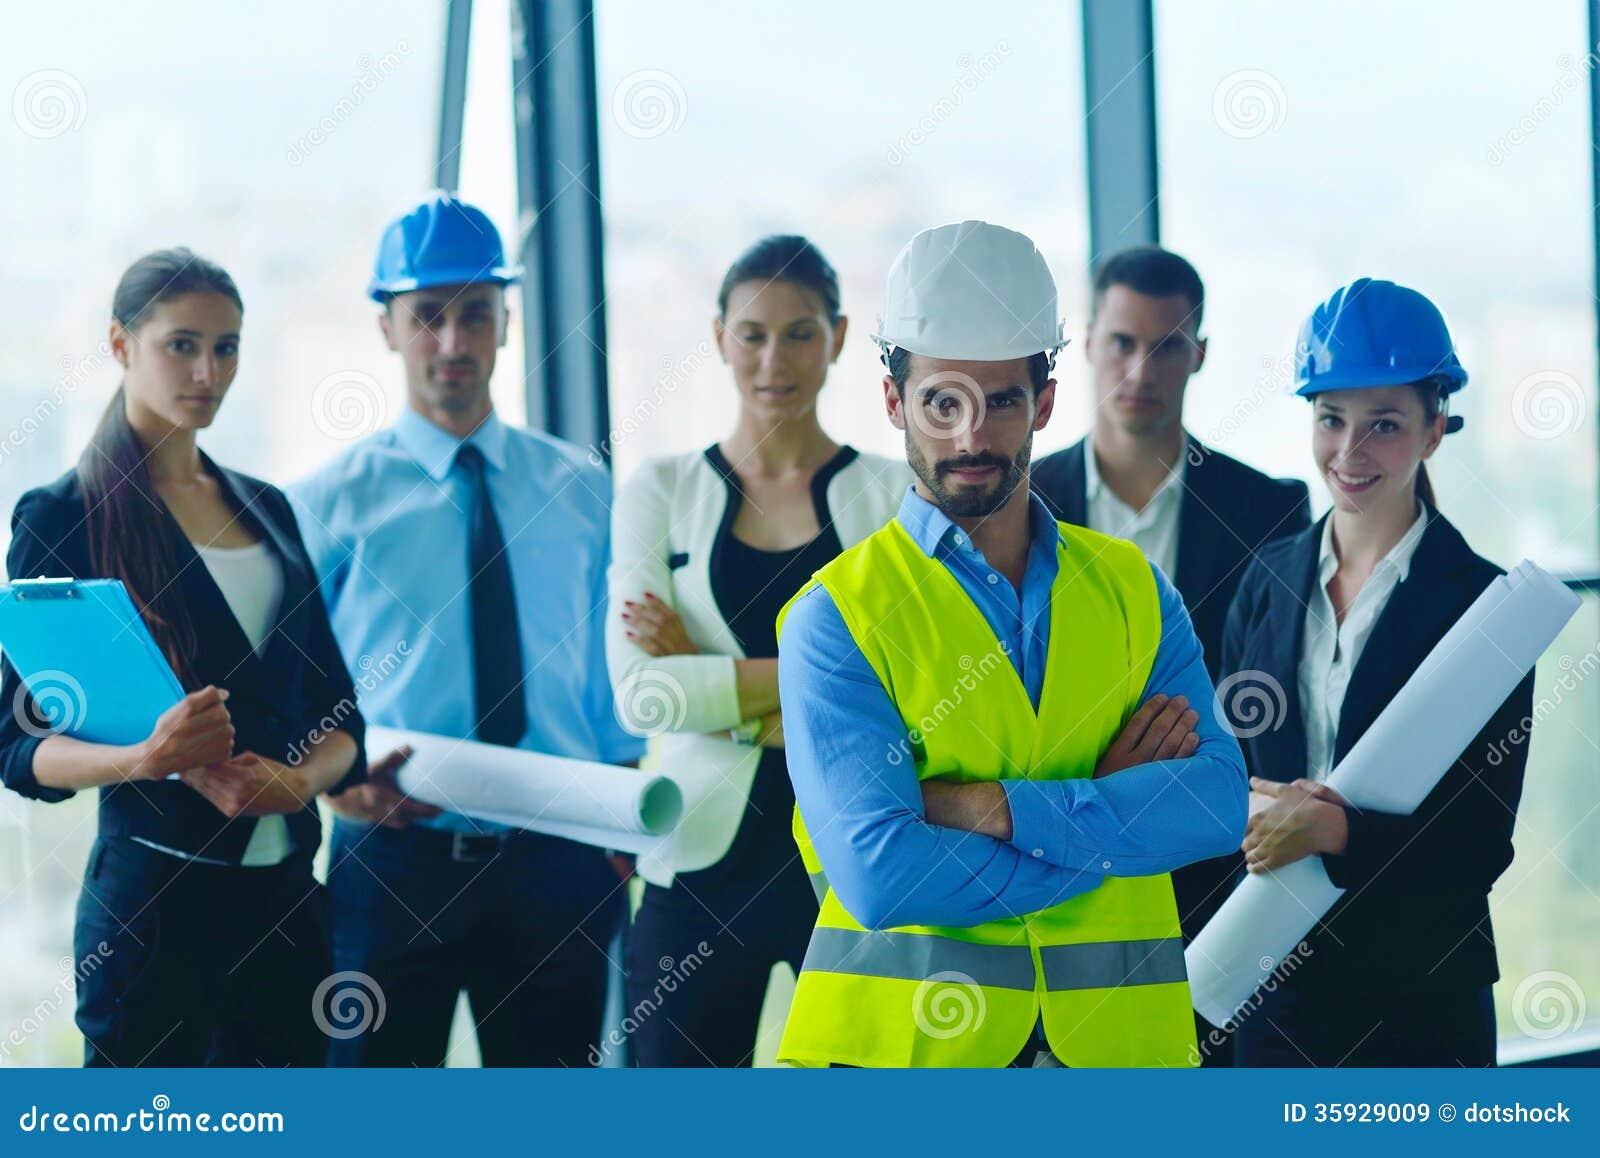 Бизнесмены и инженеры на встрече